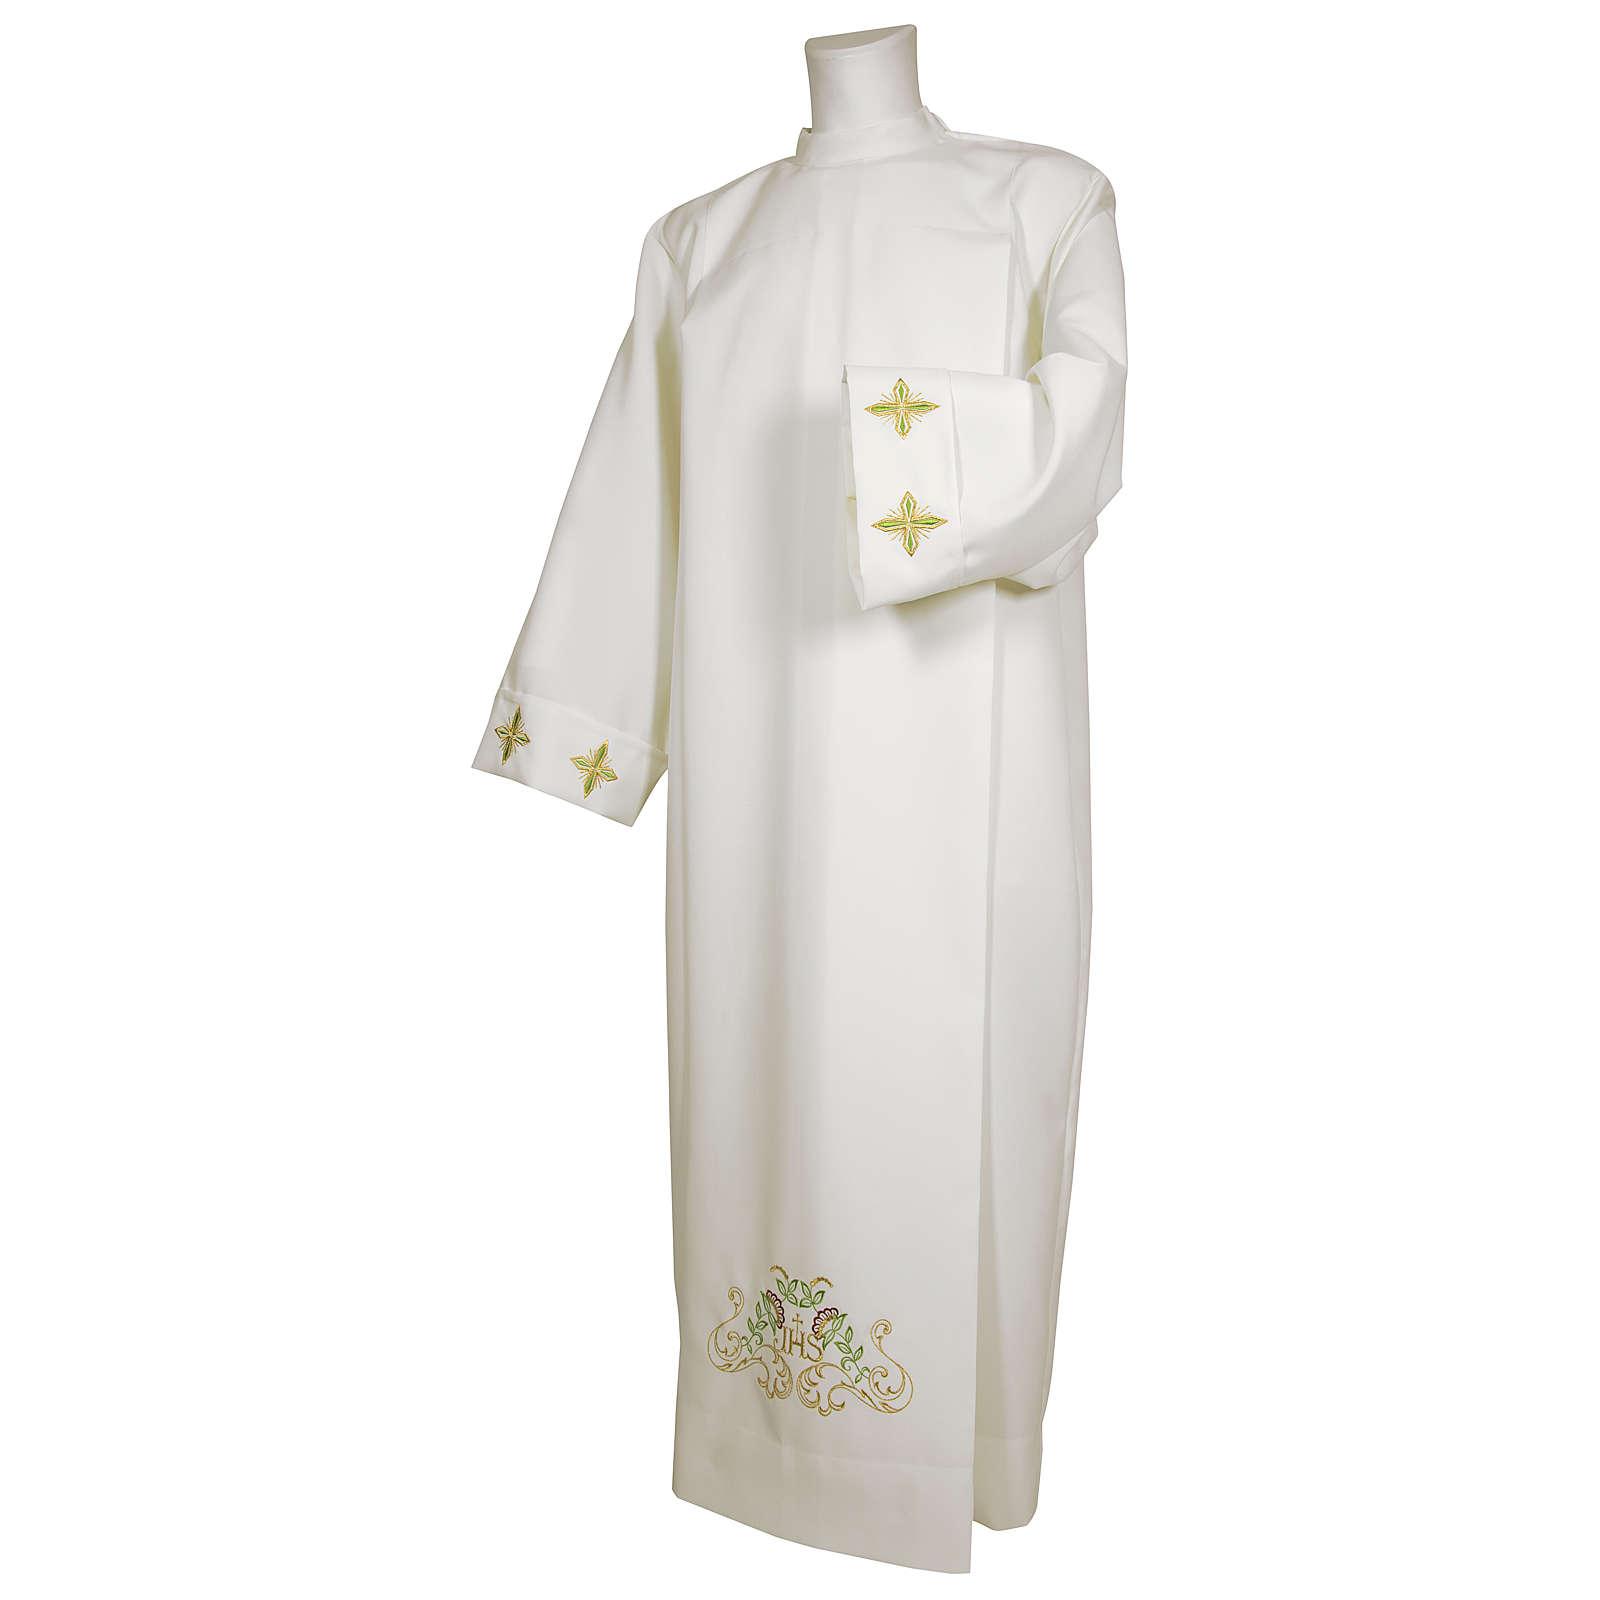 Aube blanche 65% polyester 35% coton croix décoration floral fermeture avant 4